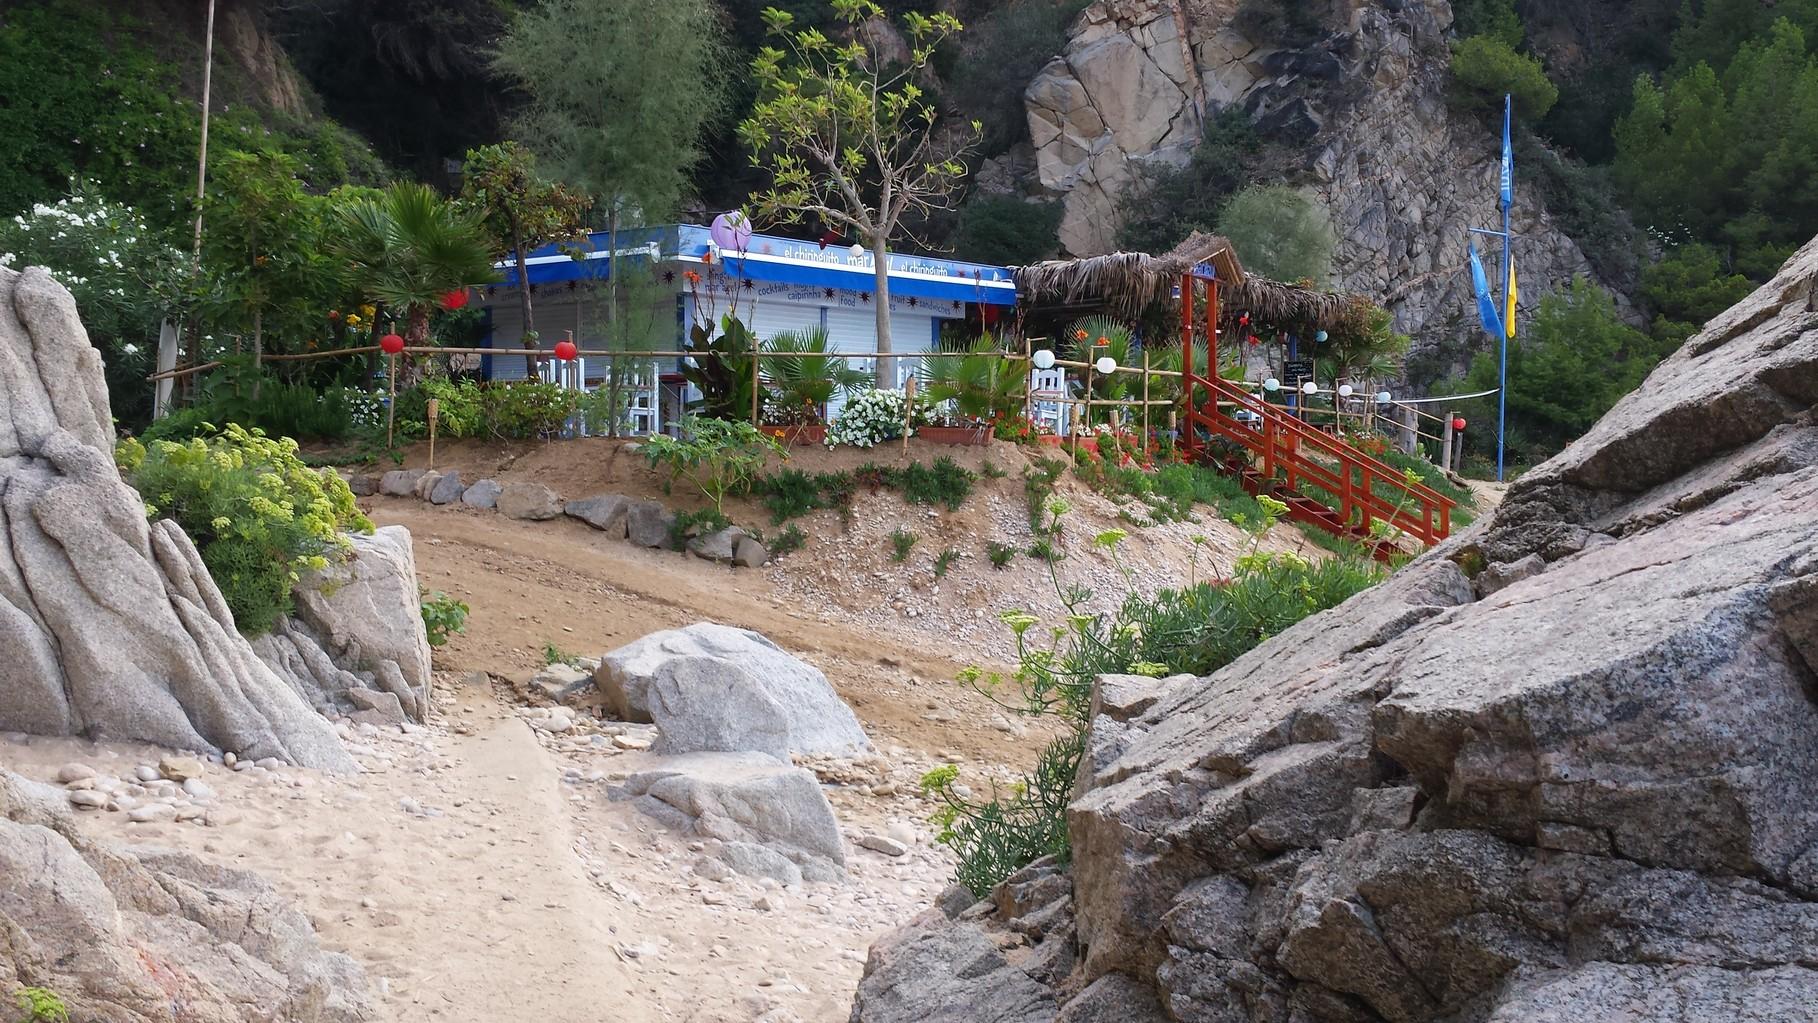 Mar Azul cocktail bar on the beach less than a kilometer away